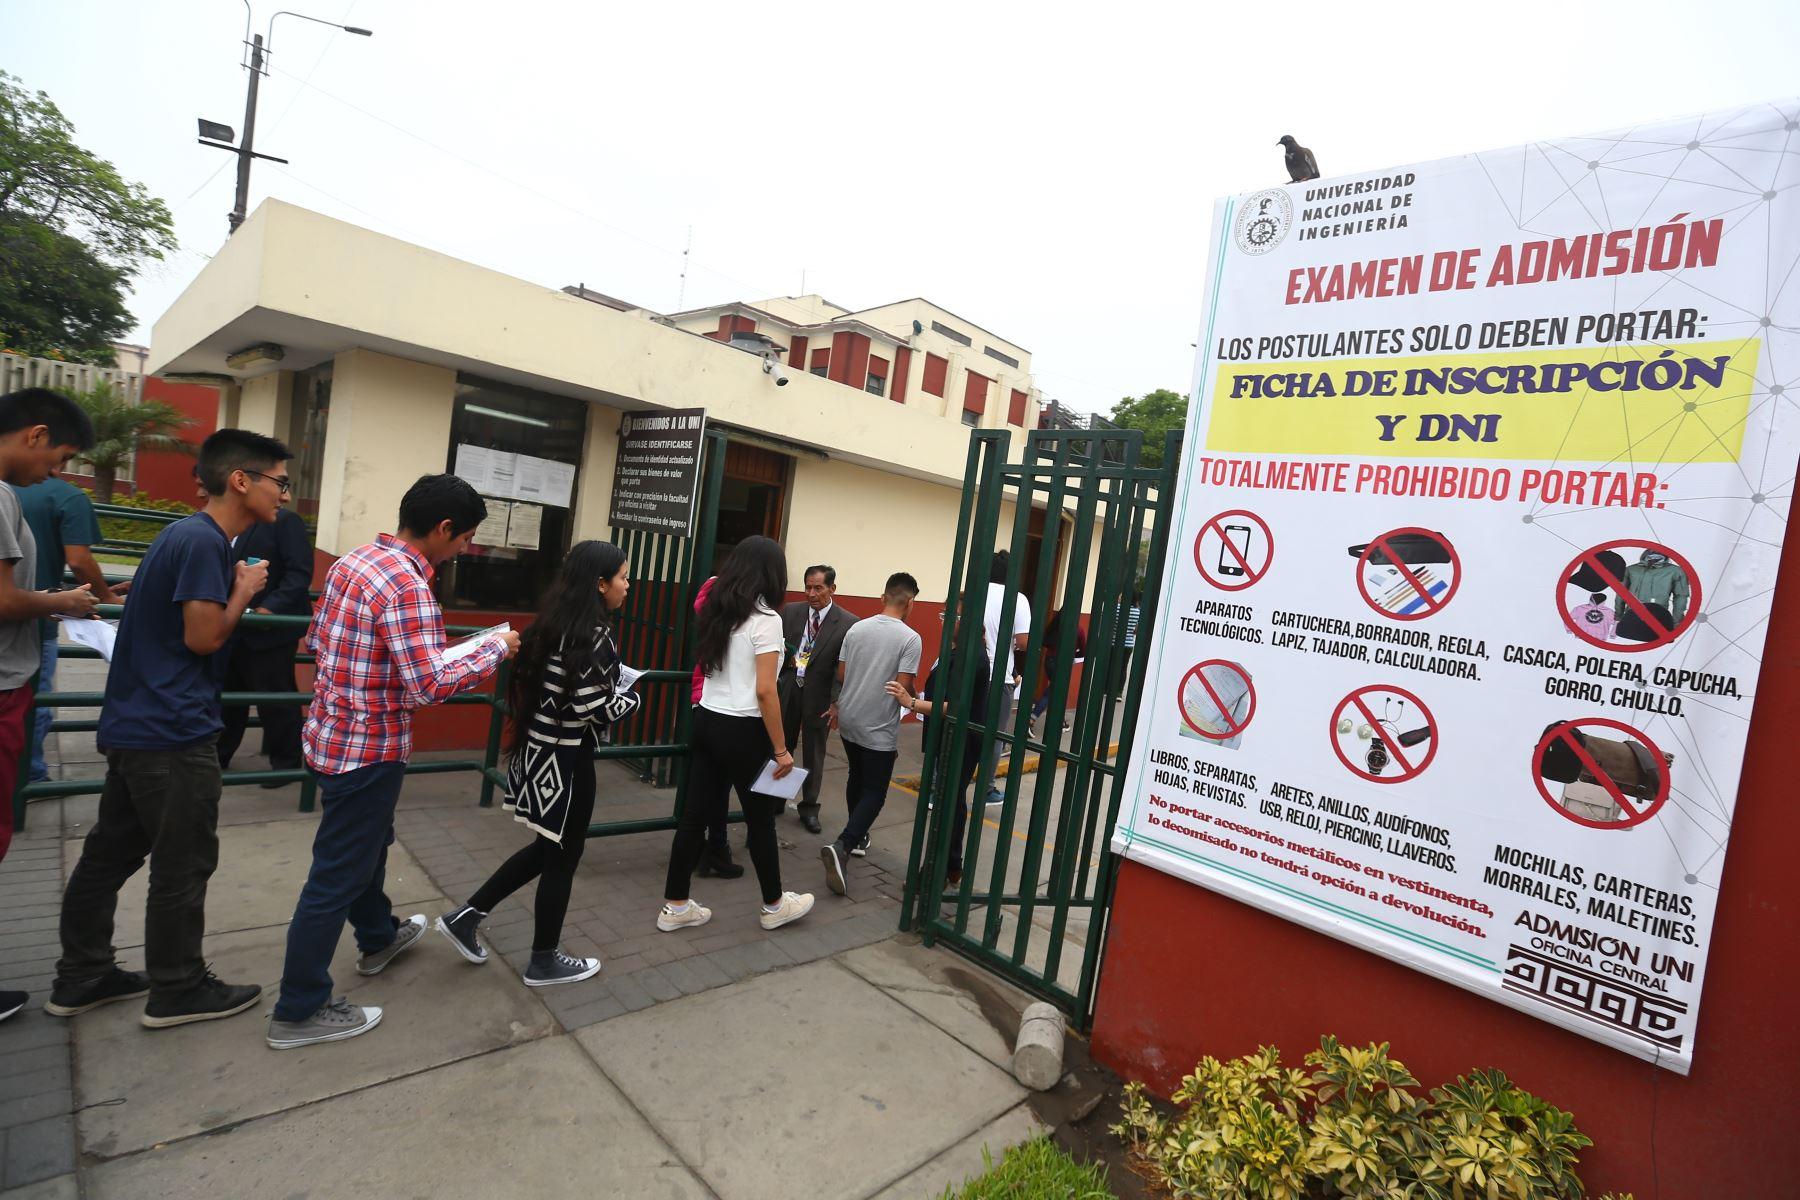 Miles de postulantes acudieron a la sede de la Universidad Nacional de Ingeniería para rendir el examen de admisión 2020. Foto: ANDINA / Jhonel Rodríguez Robles